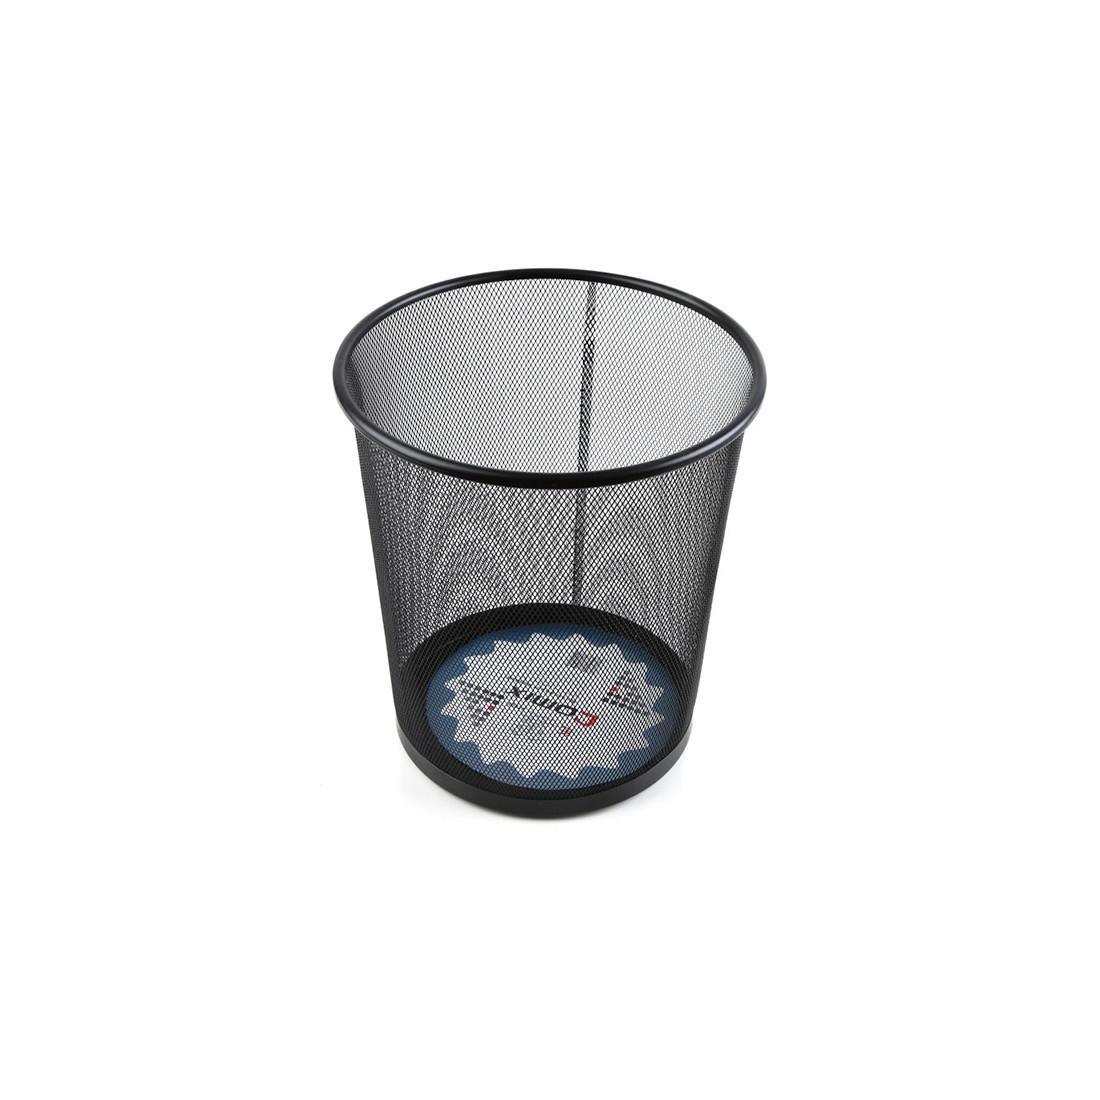 Корзина металлическая Comix B2005 (16 литров, 265*285 мм., Чёрный)